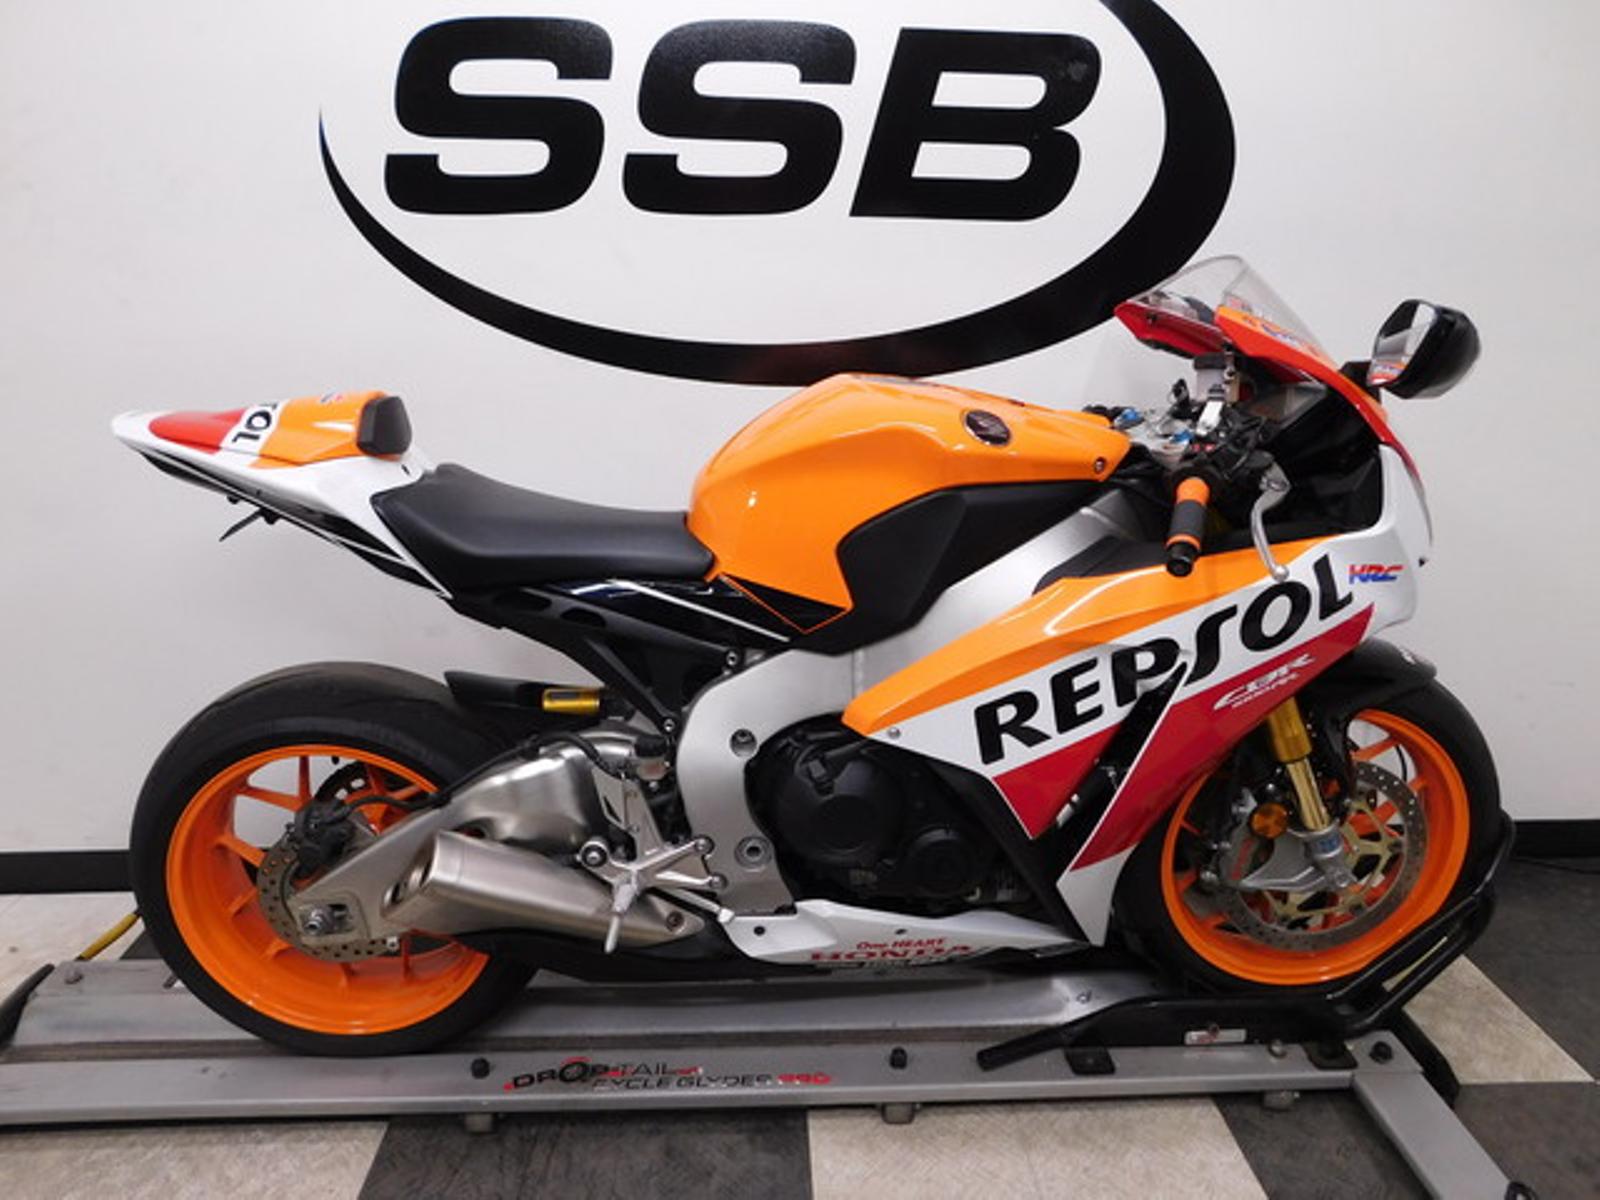 used motorcycles minneapolis | used sport bikes minnesota | used